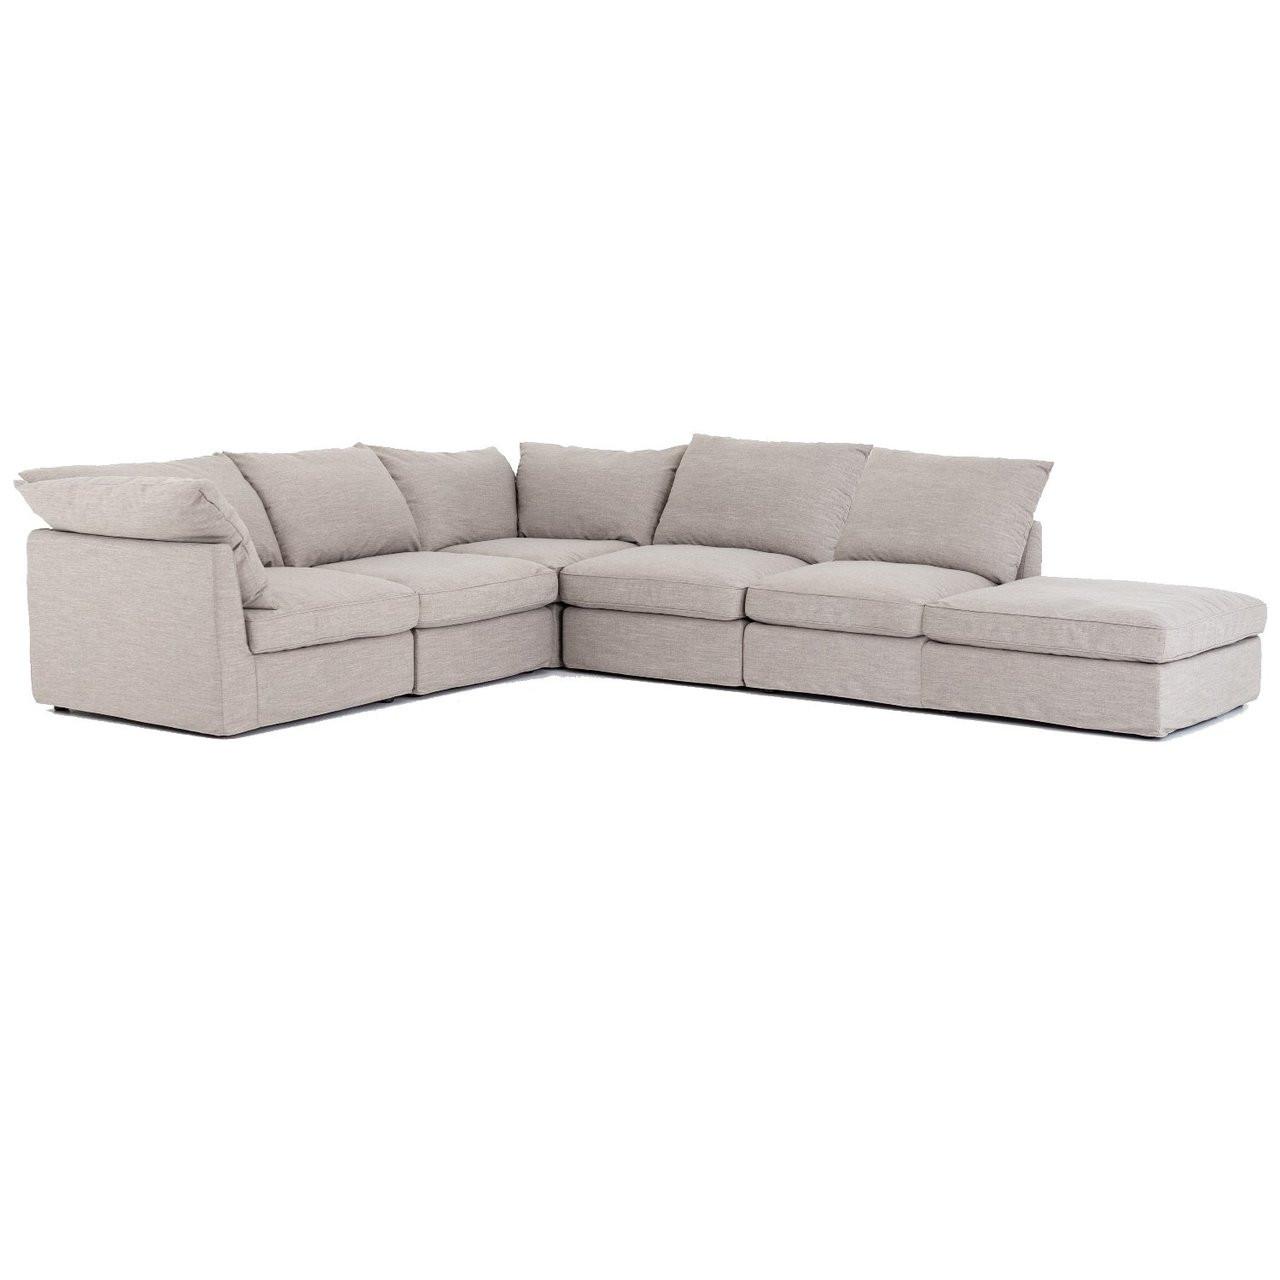 6 piece modular sectional sofa